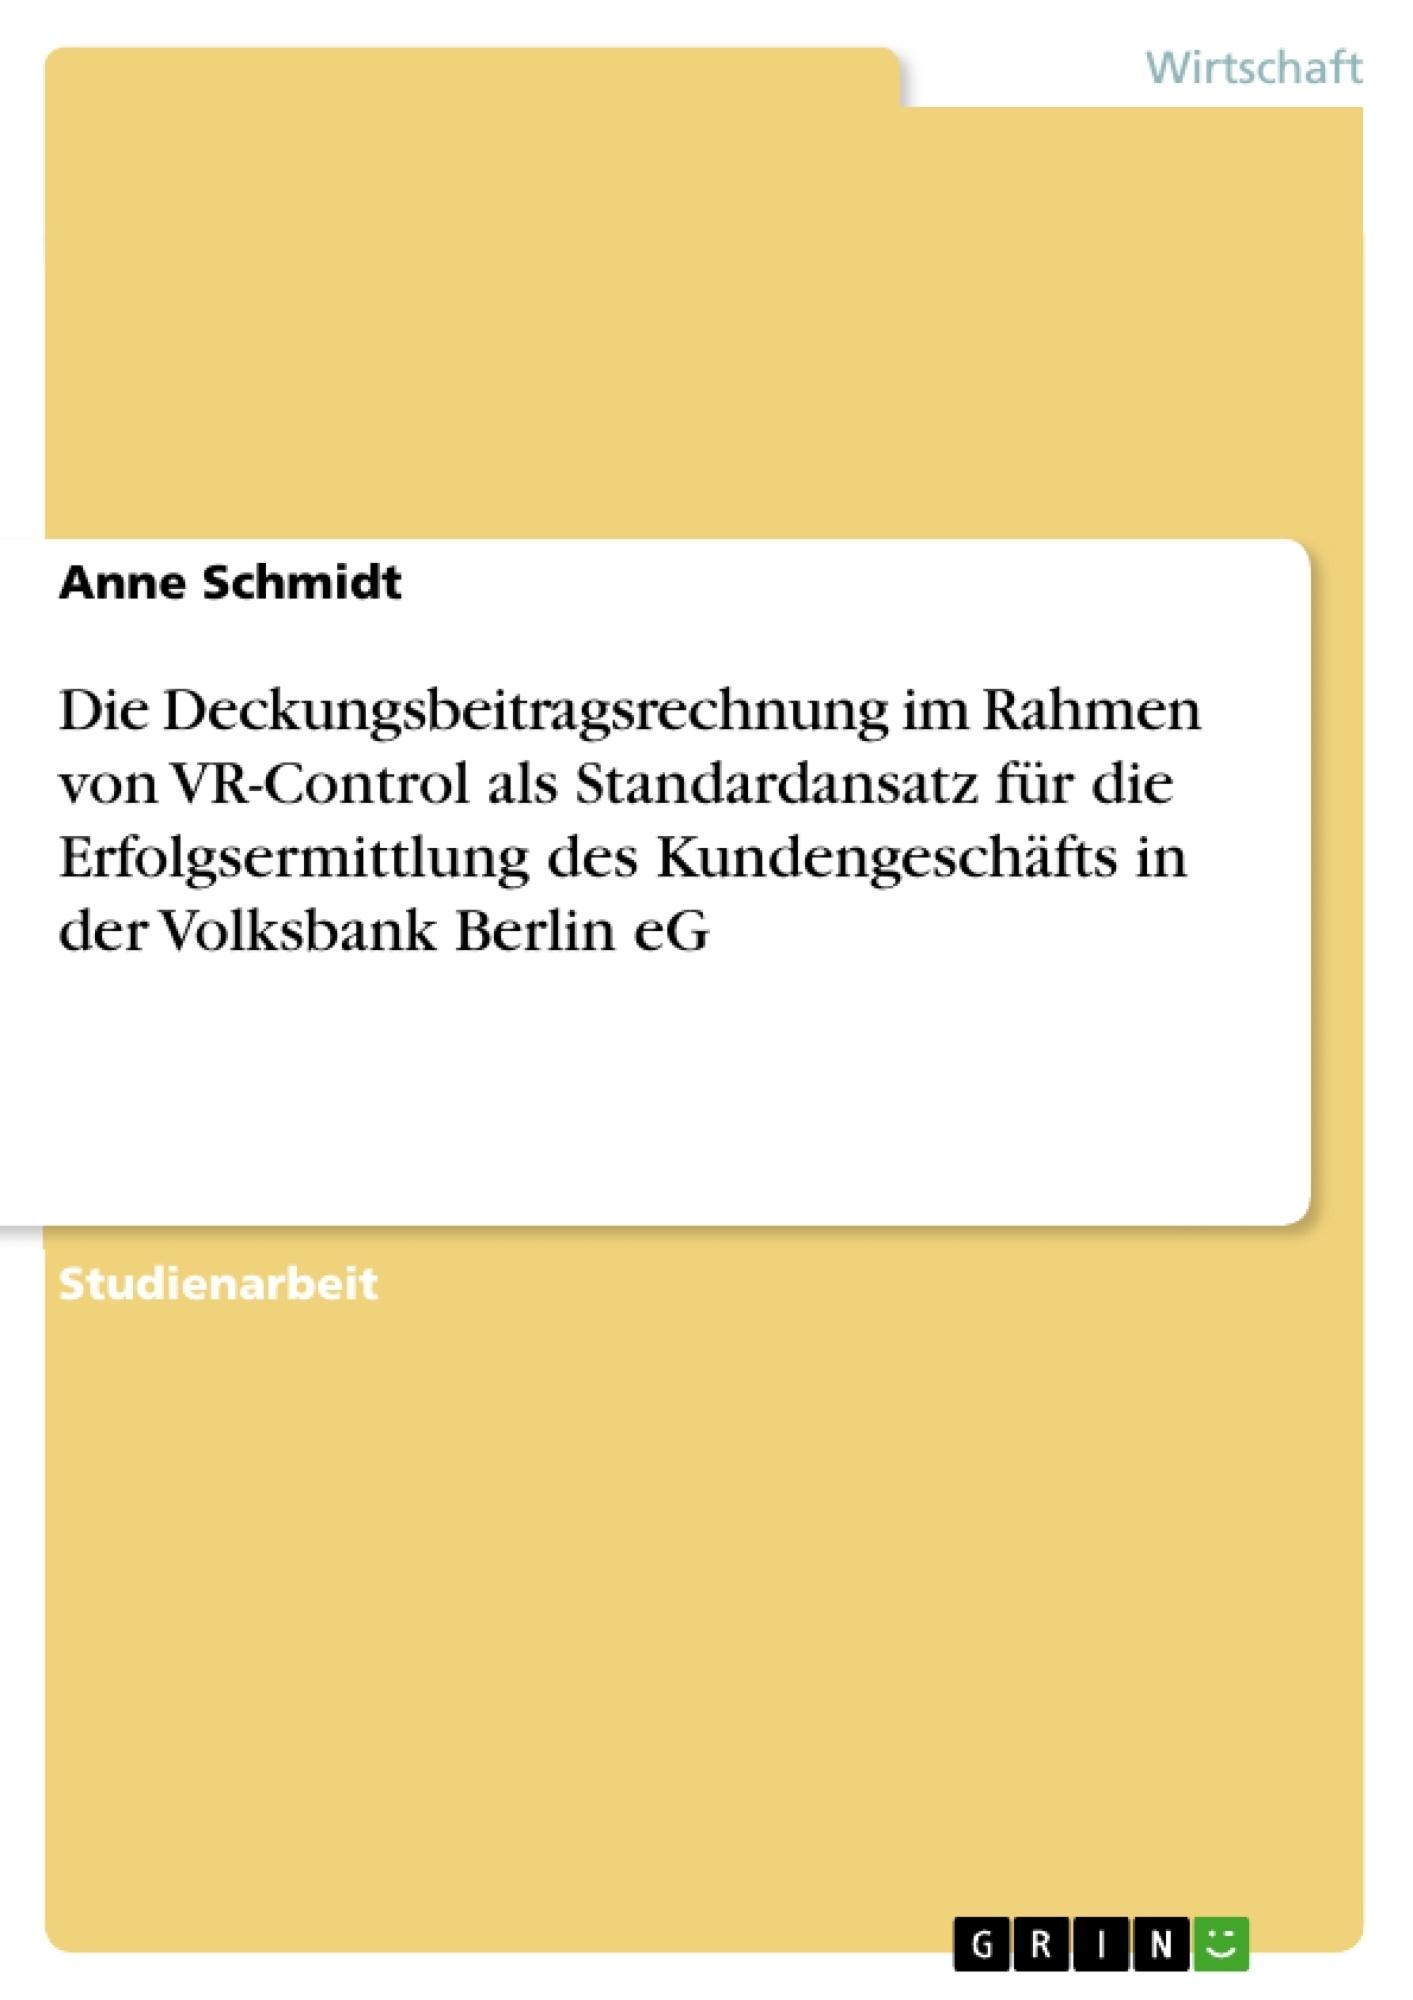 Titel: Die Deckungsbeitragsrechnung im Rahmen von VR-Control als Standardansatz für die Erfolgsermittlung des Kundengeschäfts in der Volksbank Berlin eG